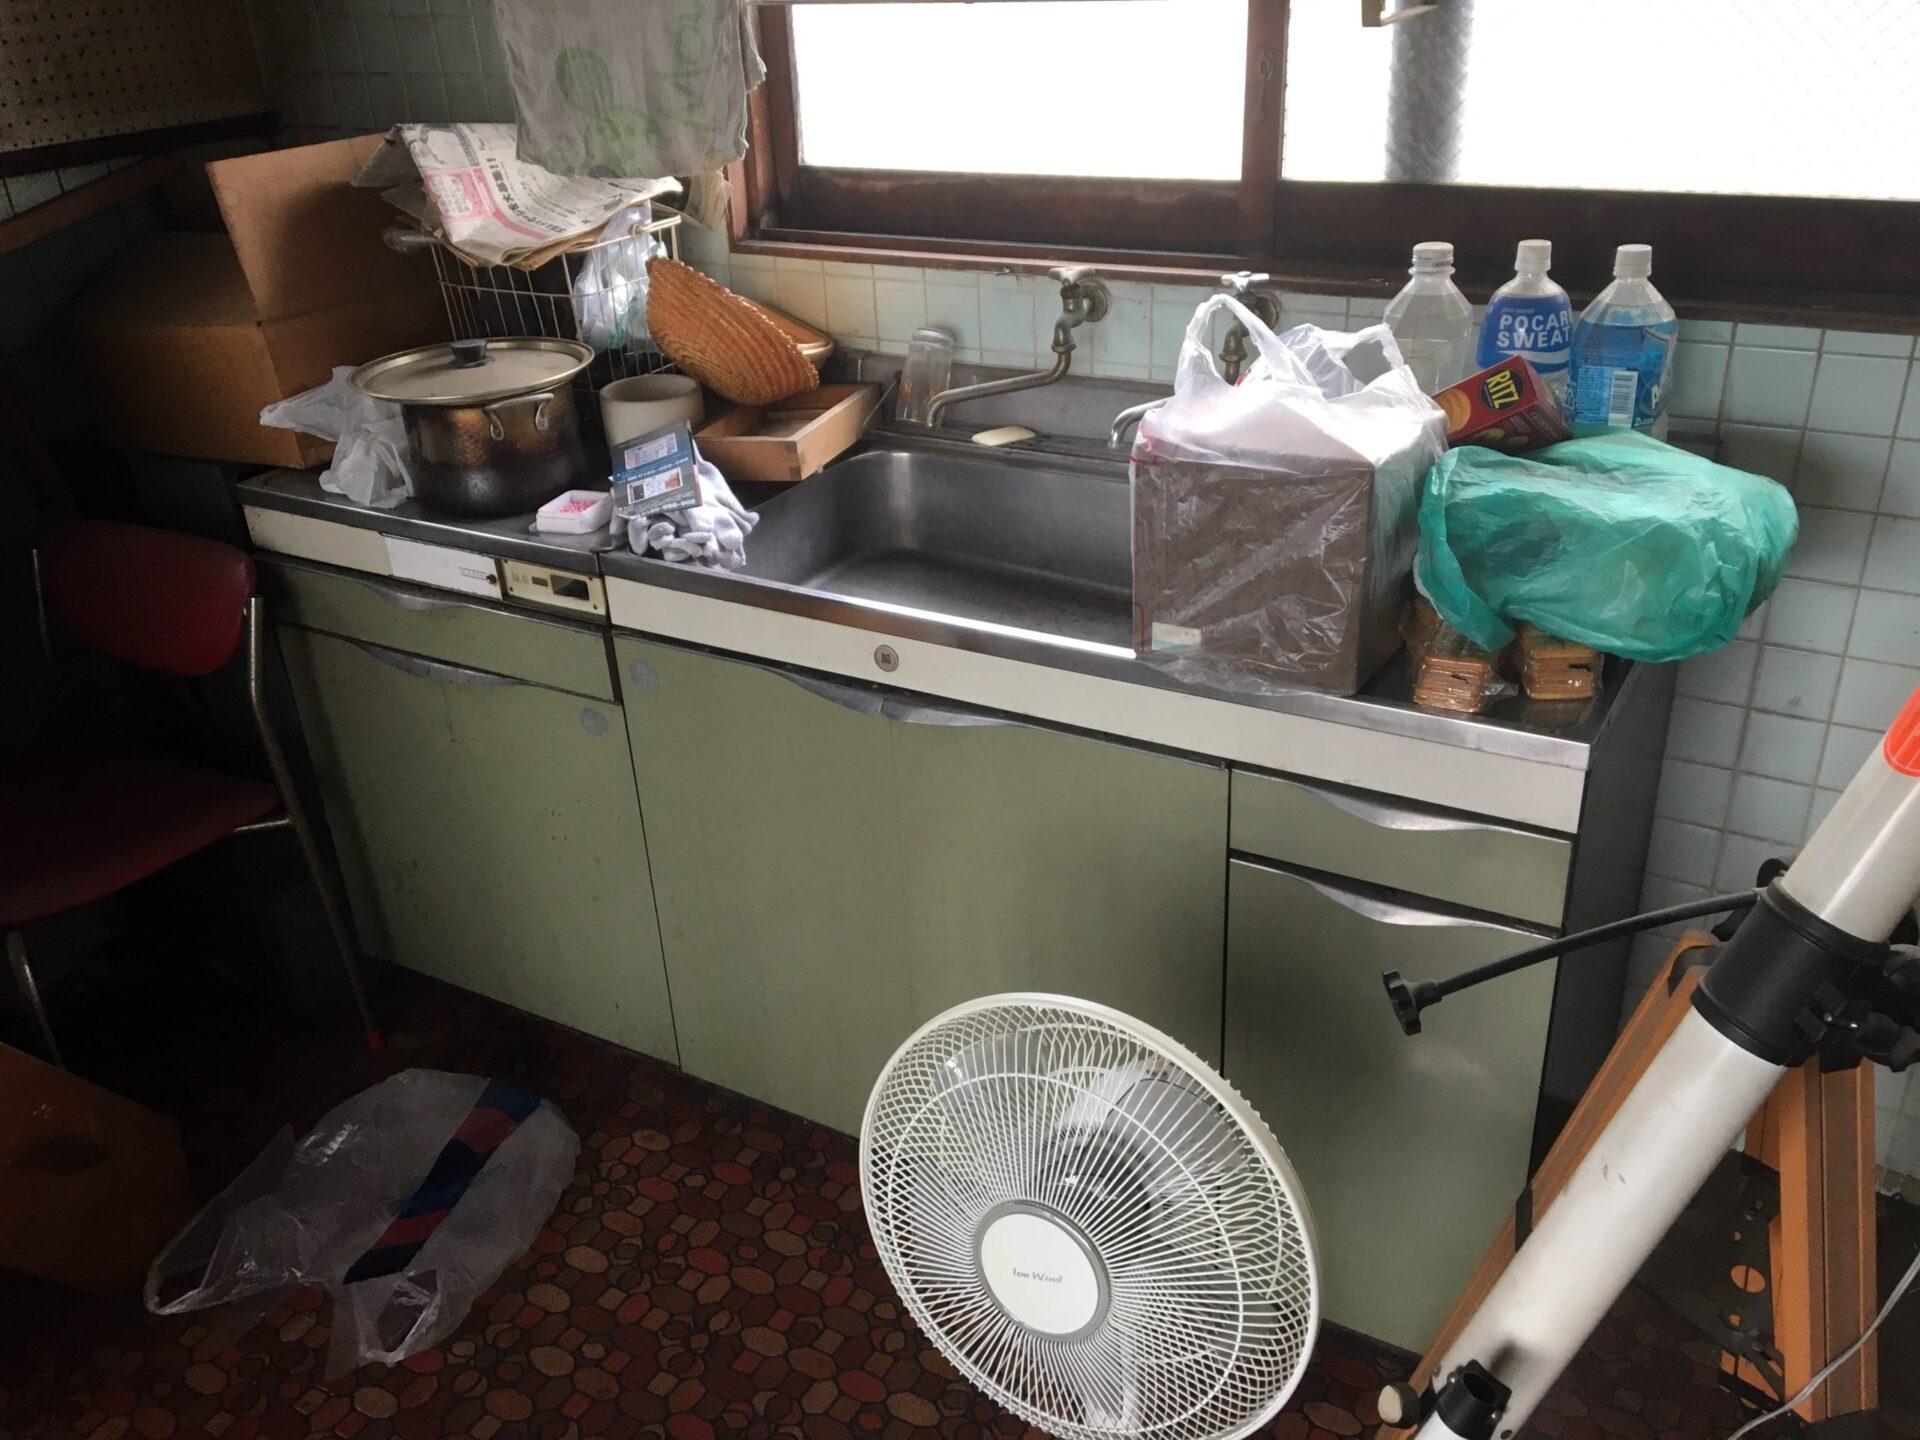 【愛知県名古屋市瑞穂区】キッチン回りの不要品回収